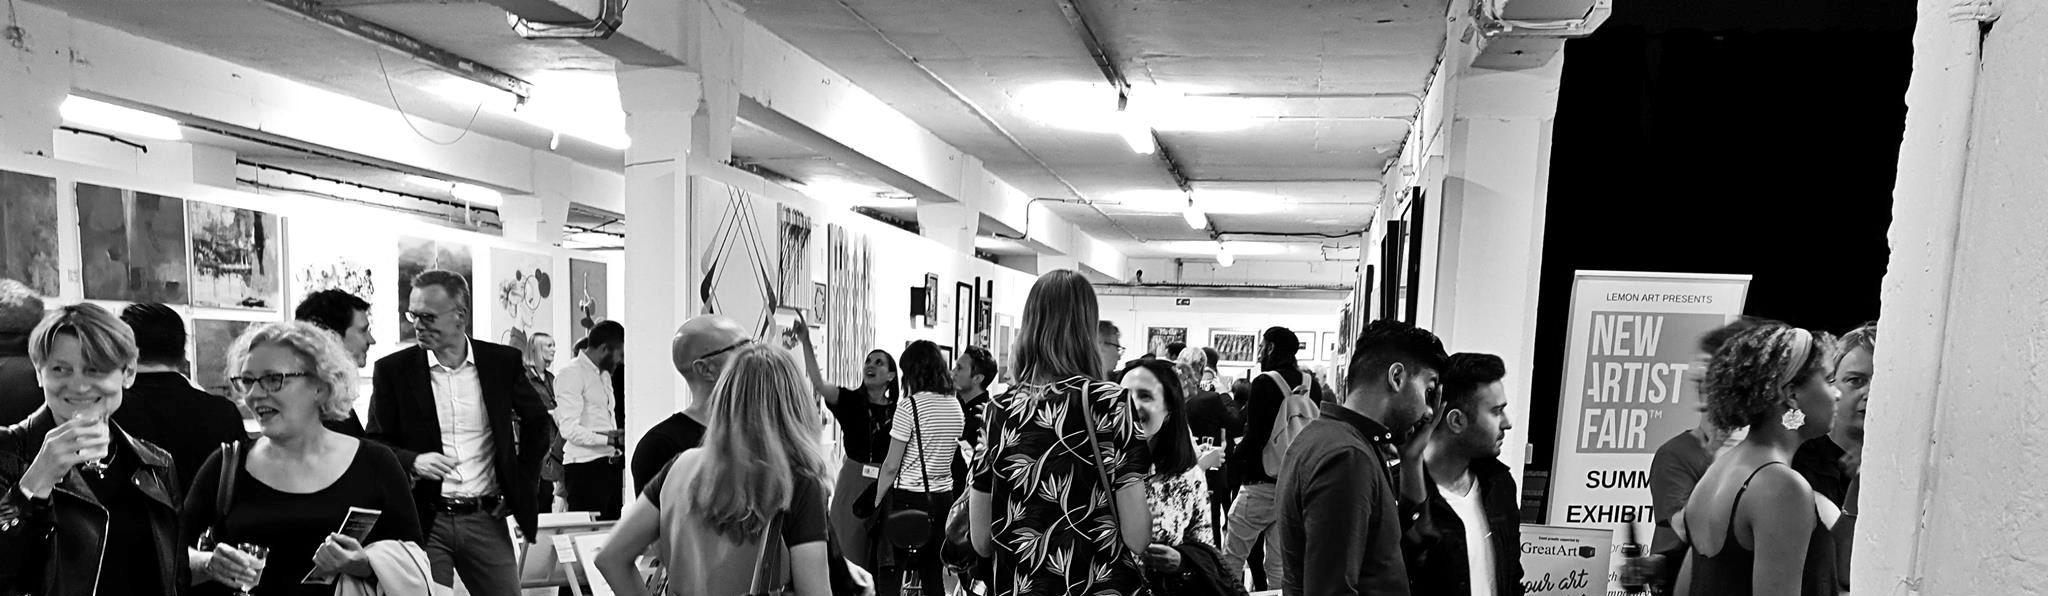 ARTISTS - Art Fair London | Art Gallery | Photography